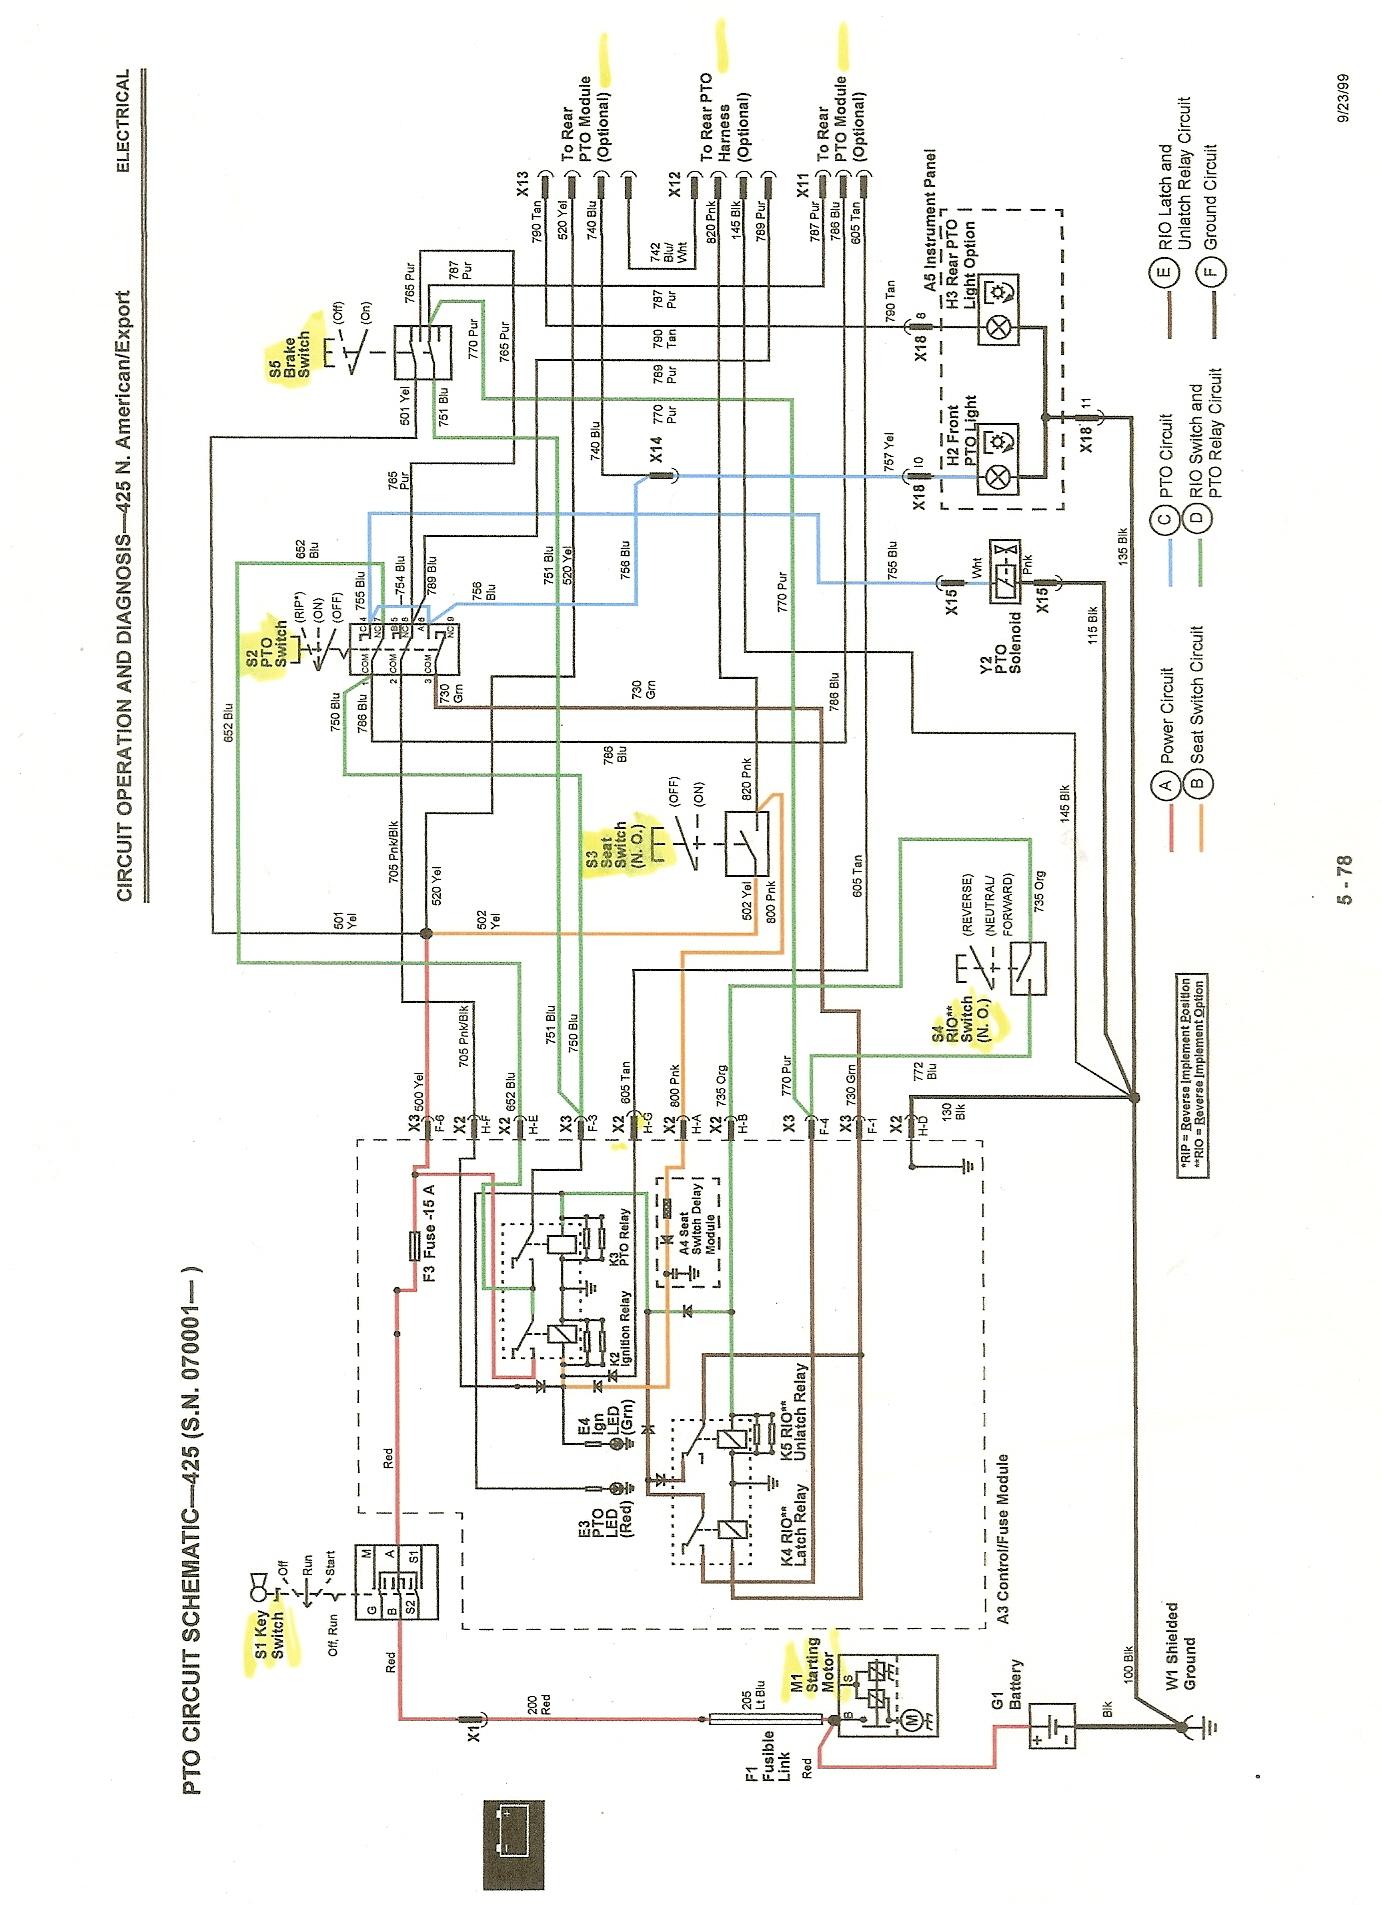 John Deere 425 Wiring Schematic - search wiring diagram on ... on john deere 317 pto diagram, john deere 750 pto diagram, john deere 111 pto diagram, john deere 170 pto diagram, john deere 955 pto diagram, john deere 400 pto diagram, john deere 6320 pto diagram, john deere 316 pto diagram, john deere 757 pto diagram, john deere 430 pto diagram, john deere 60 pto diagram, john deere 445 pto diagram,